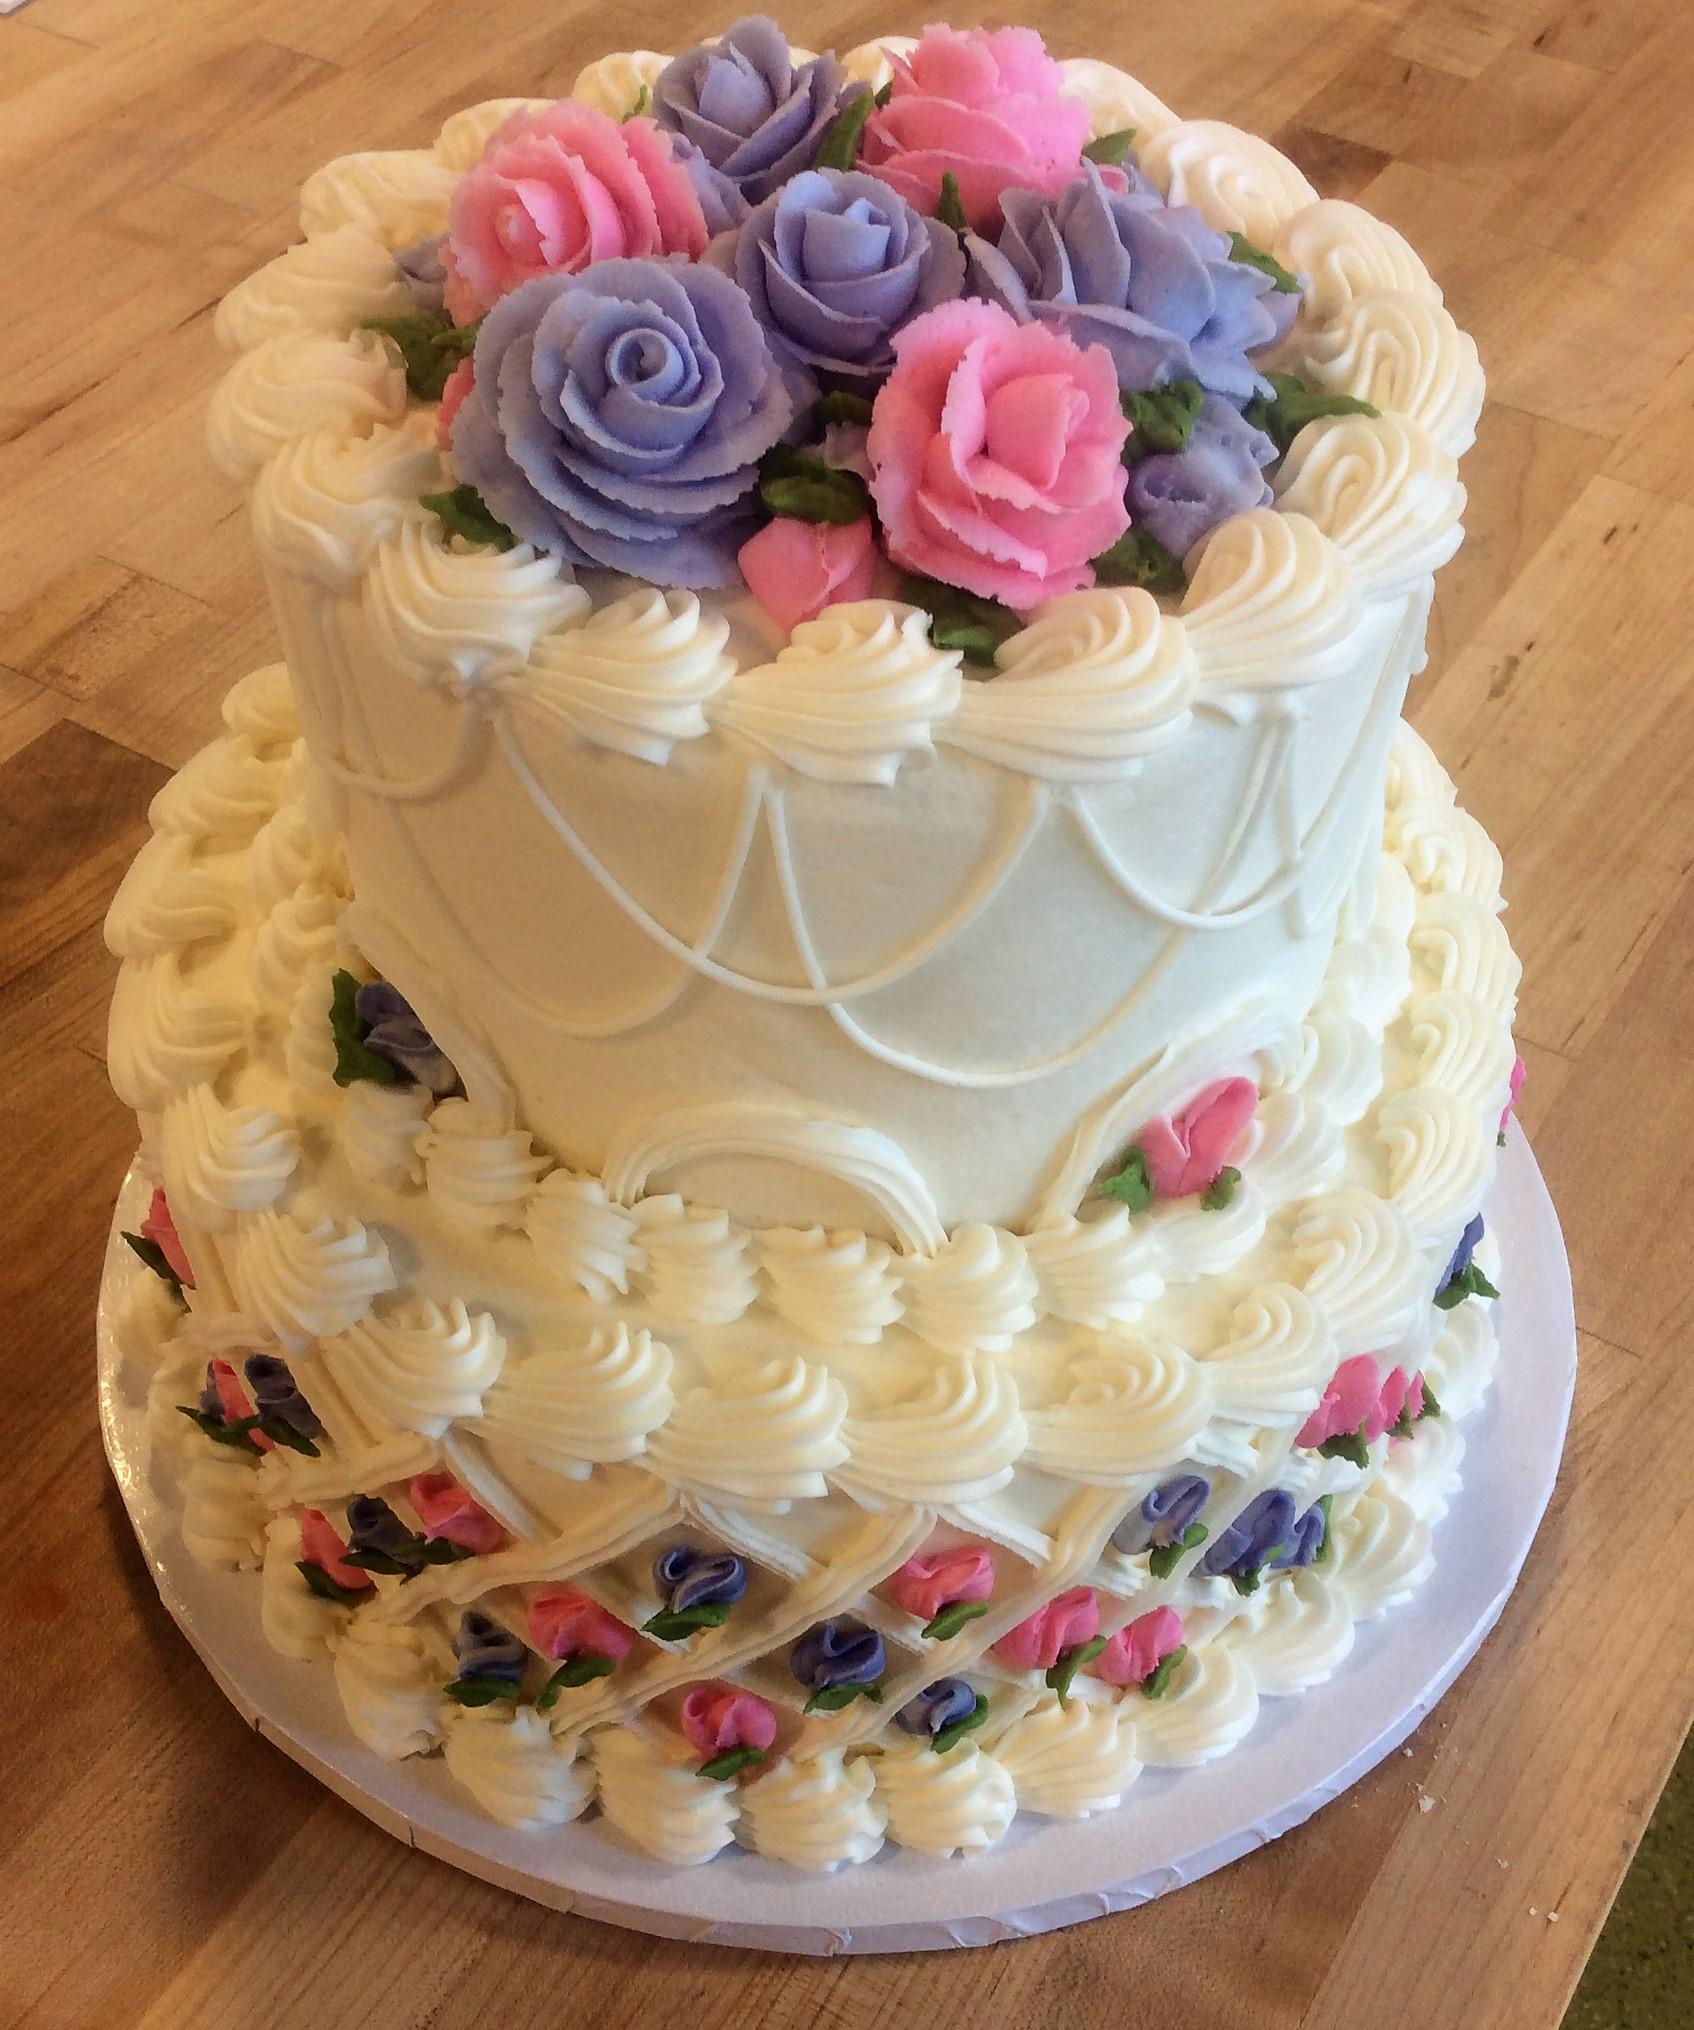 Wedding Cake Replica Party Cake